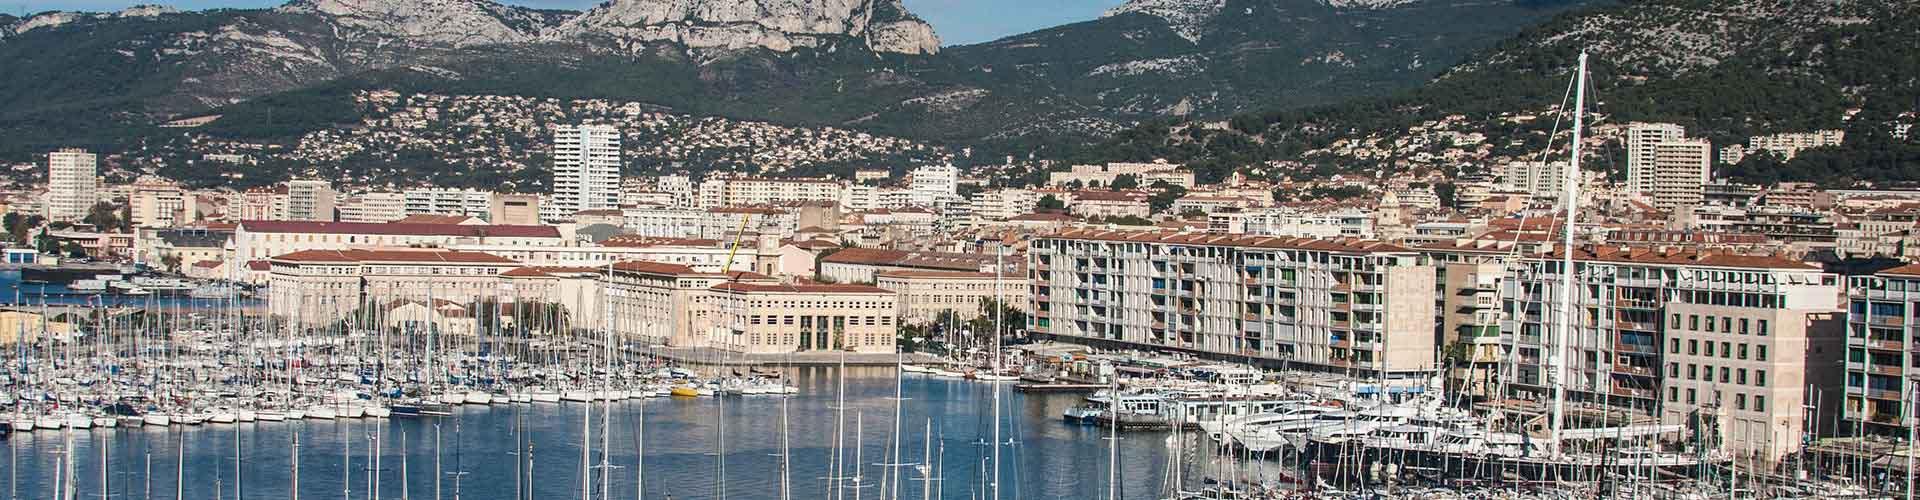 Toulon - Habitaciones en Toulon. Mapas de Toulon, Fotos y comentarios de cada Habitación en Toulon.